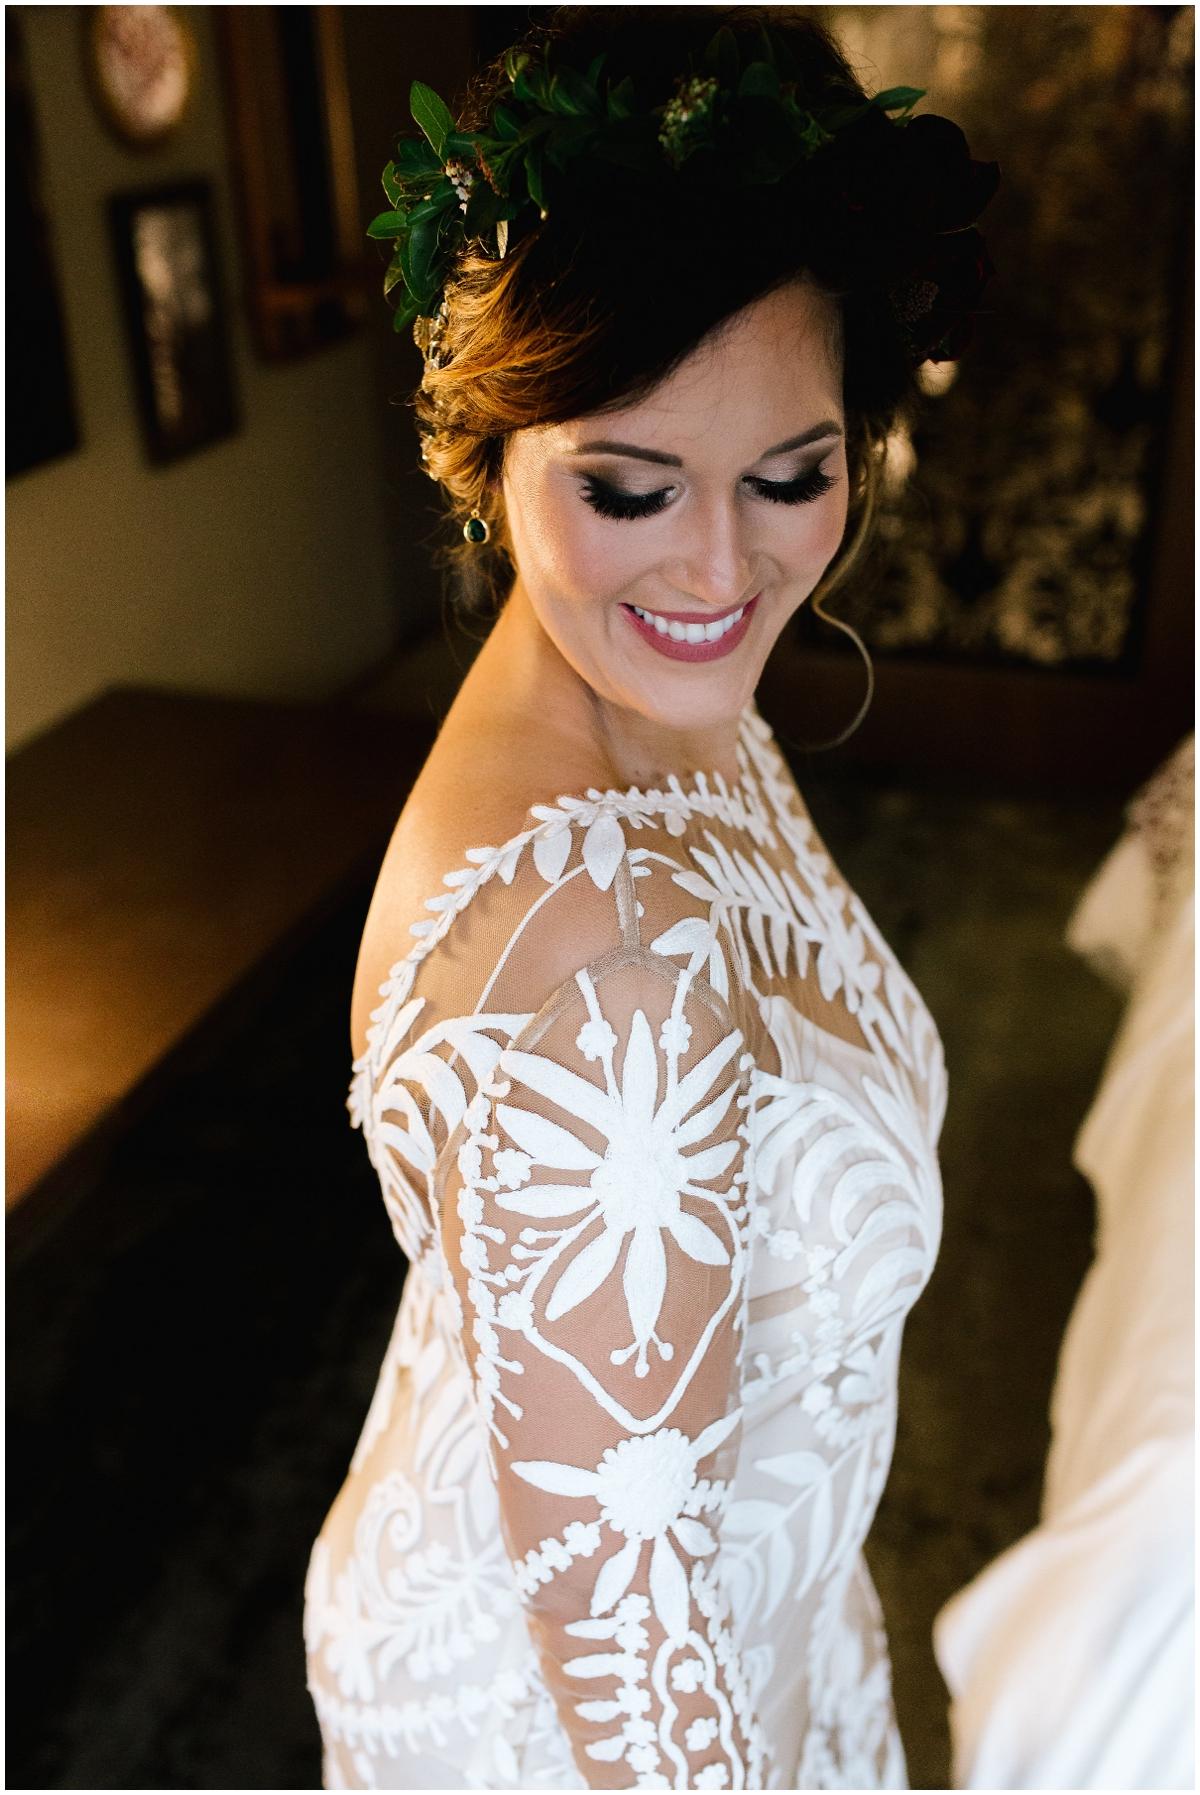 Boho fashion forward wedding gown